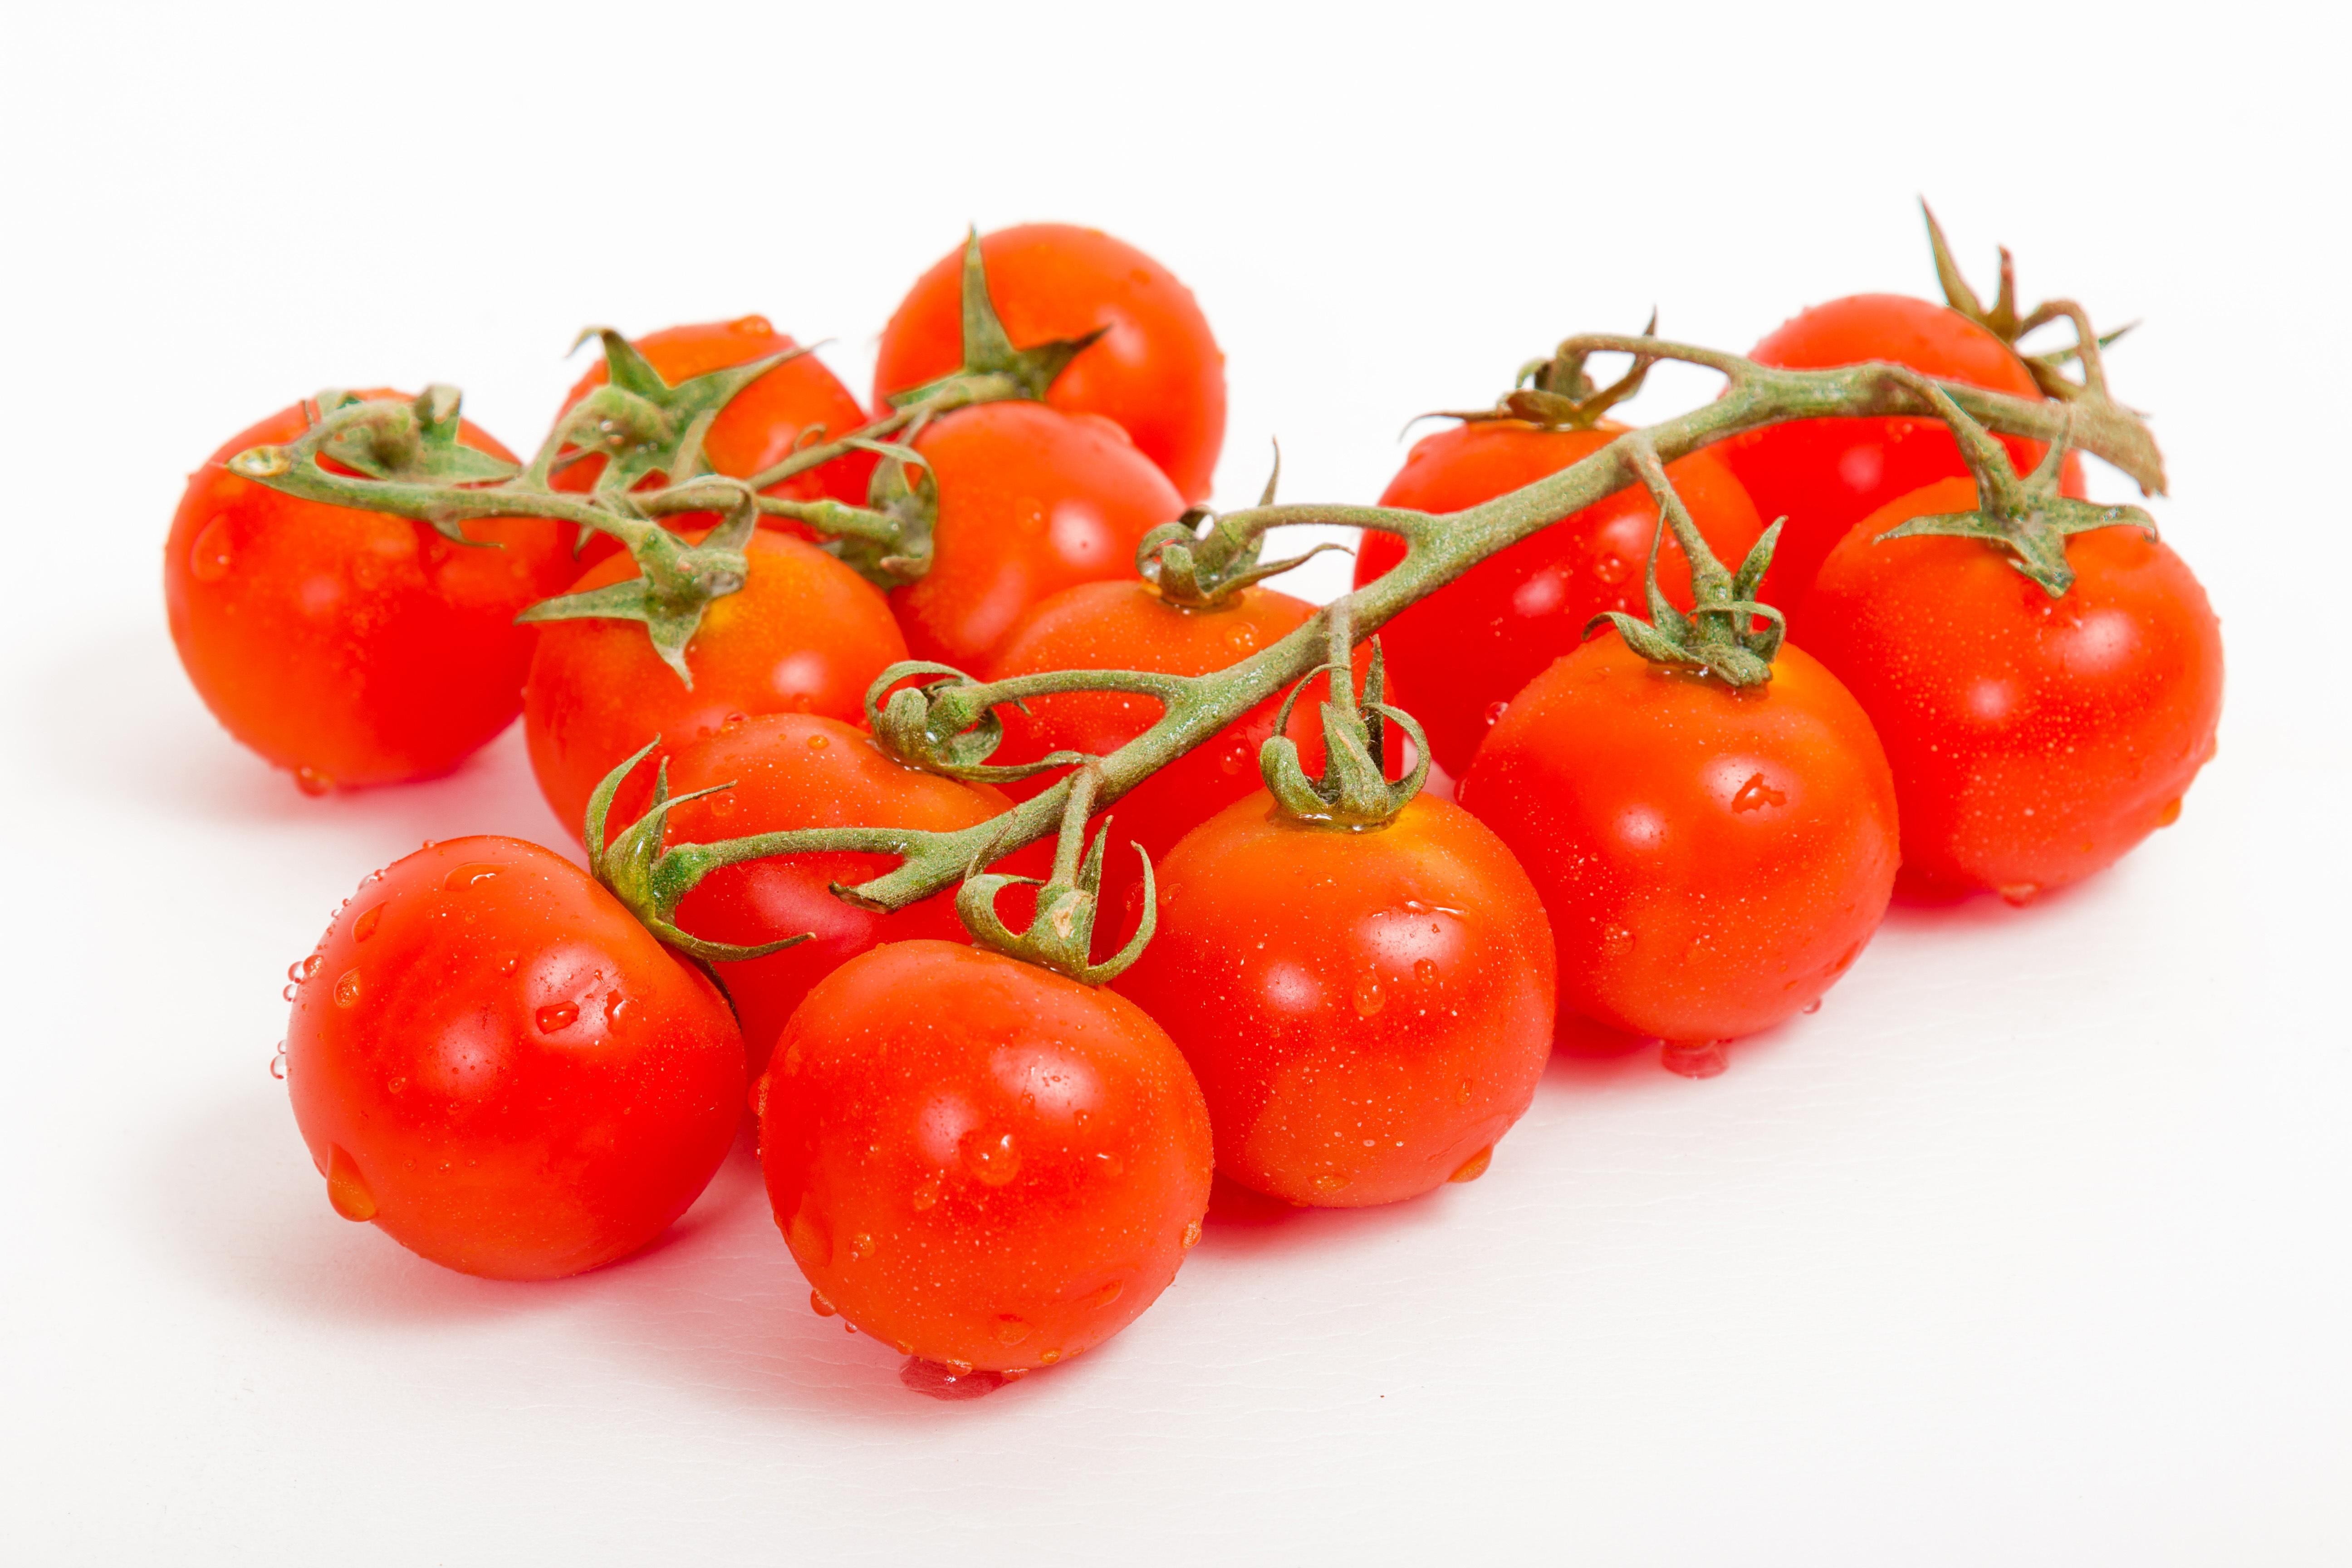 Fotos gratis : Fruta, comida, rojo, cosecha, Produce